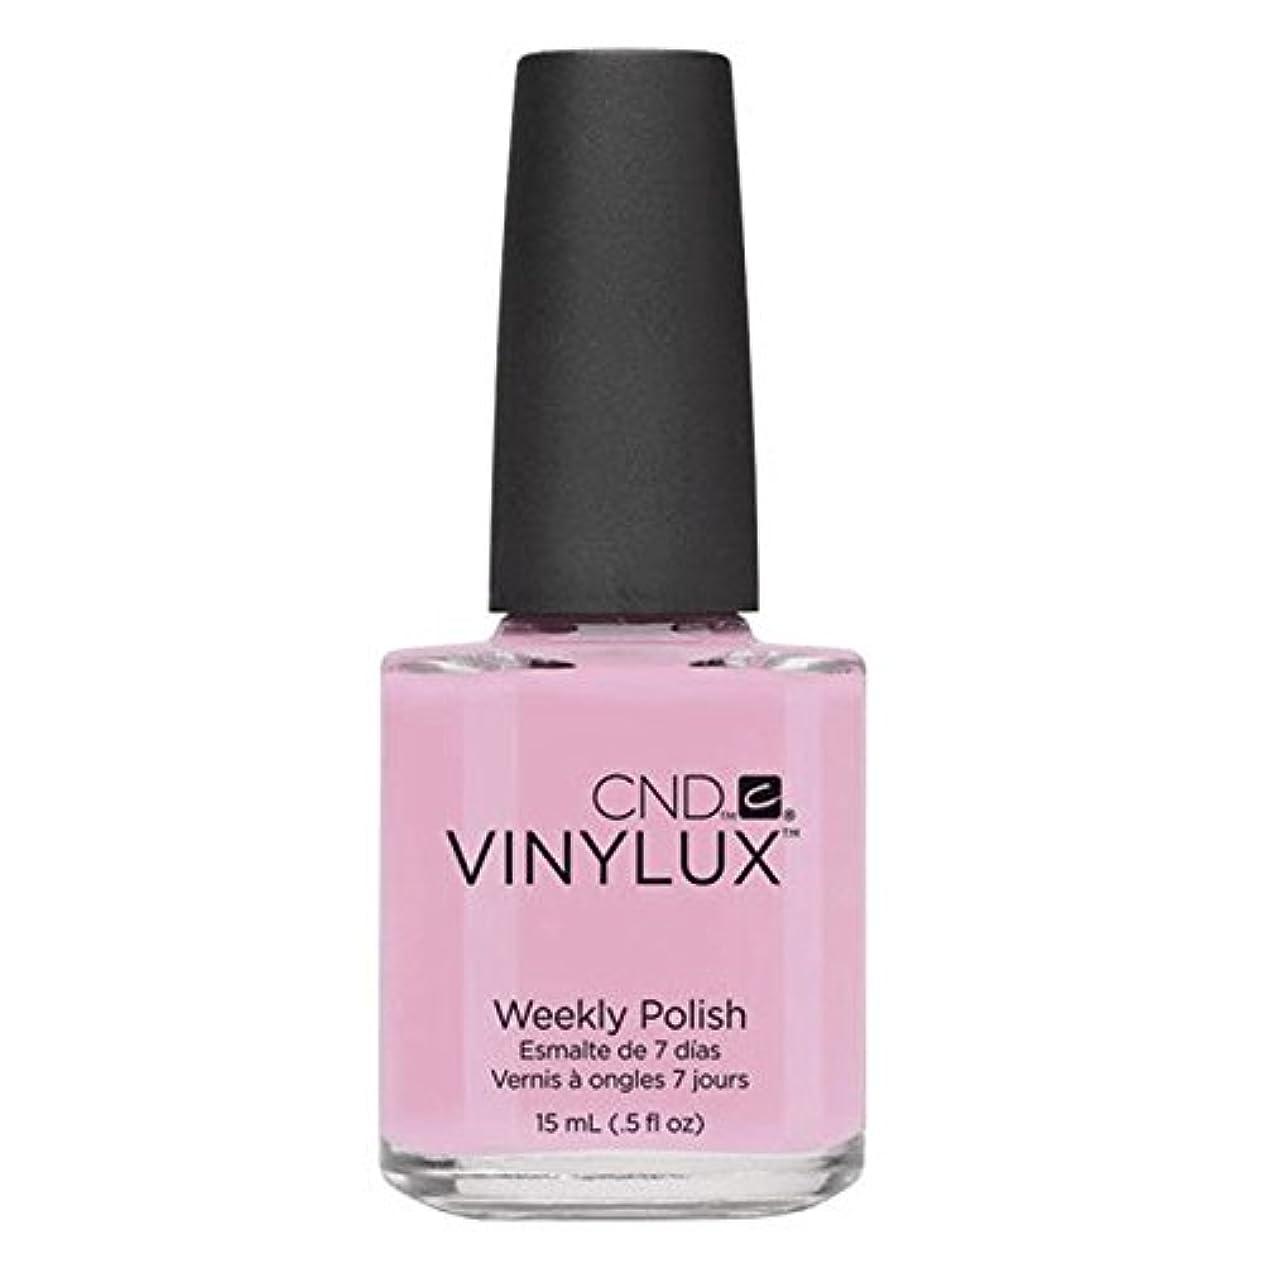 CND Vinylux Manicure Lacquer _  Cake Pop #135_15ml (0.5oz)